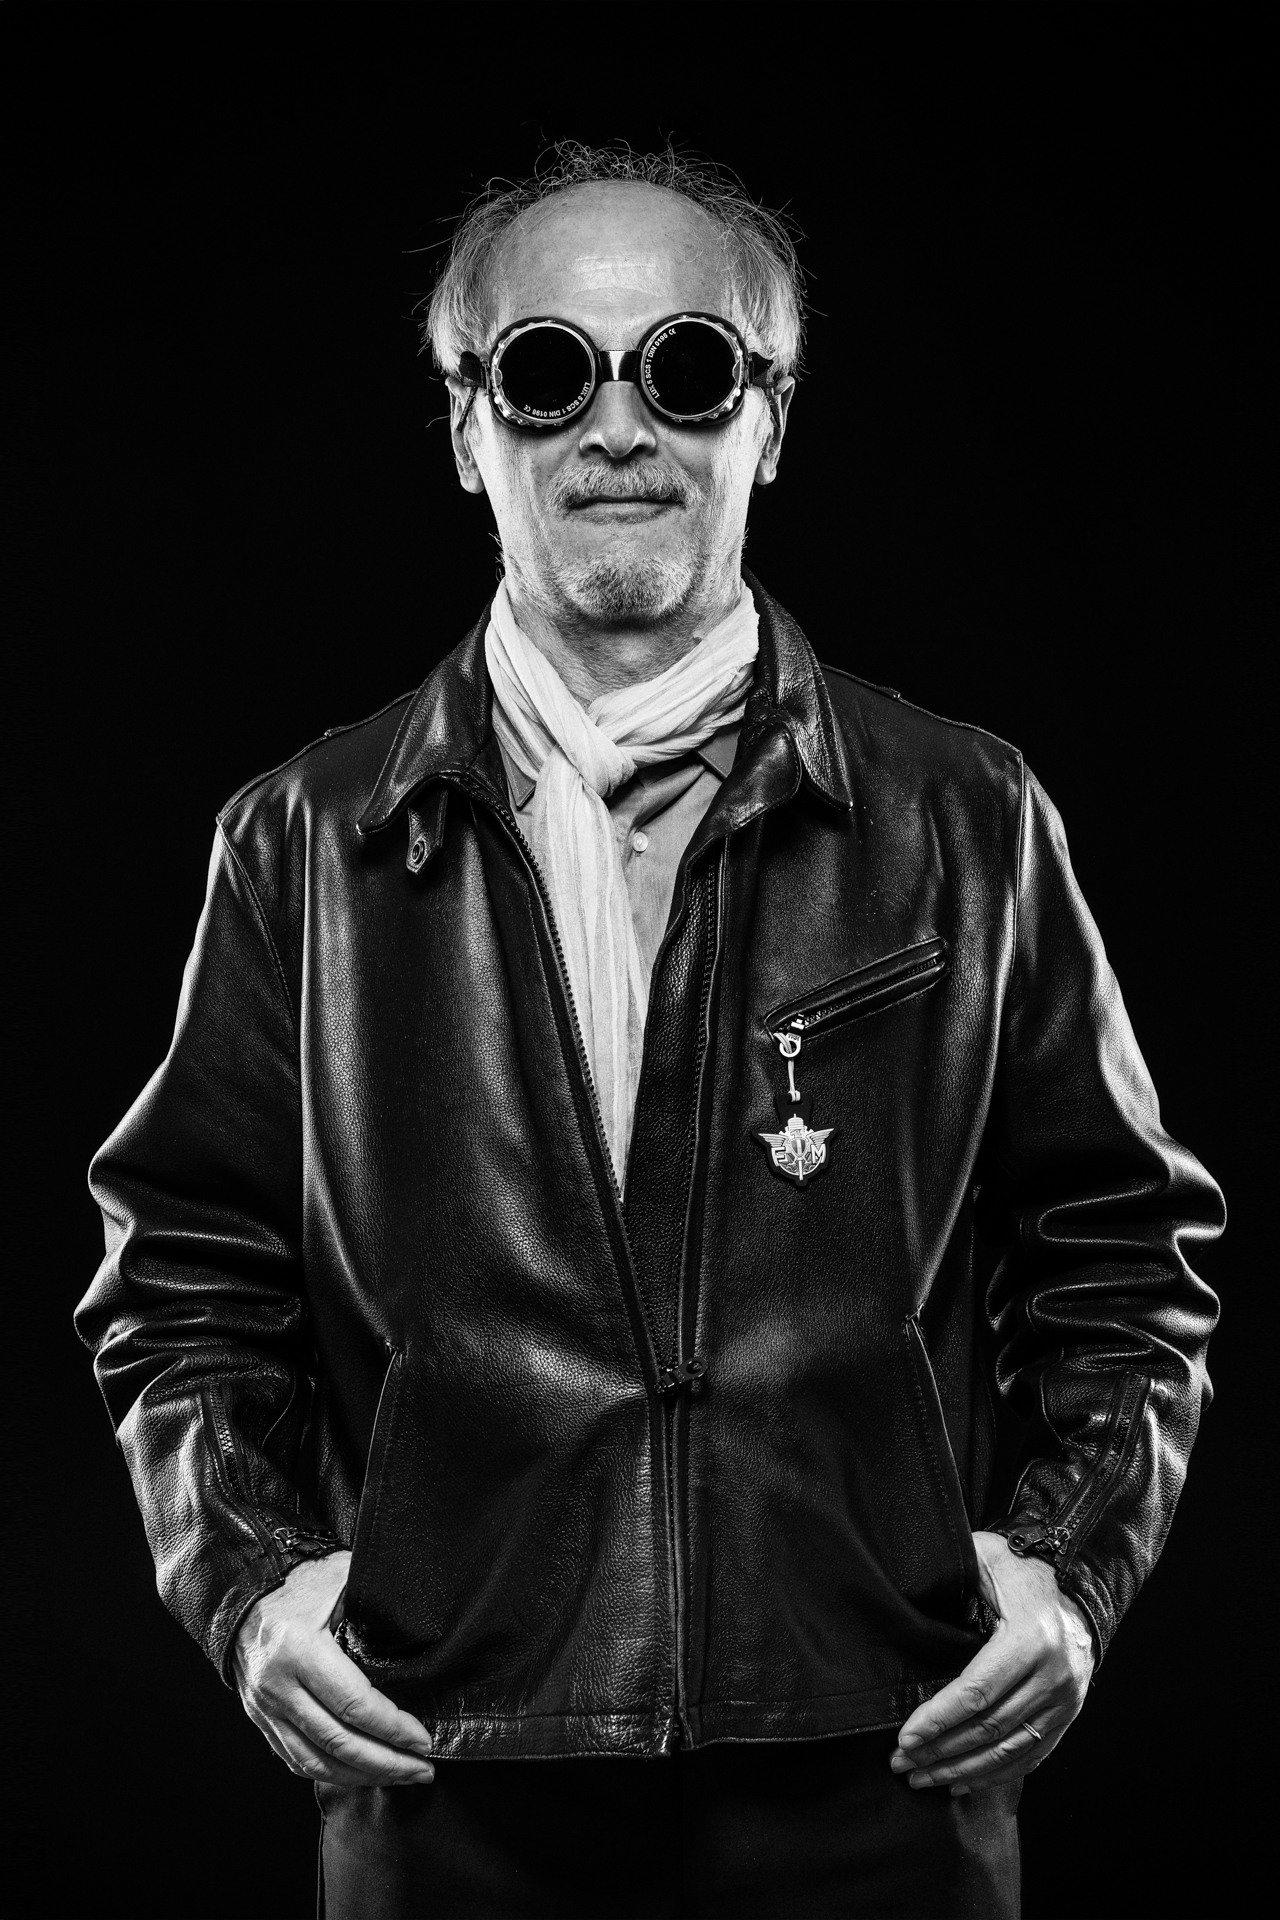 dott. MARCO BRIANZA fotografato da MASSIMILIANO FERRARI